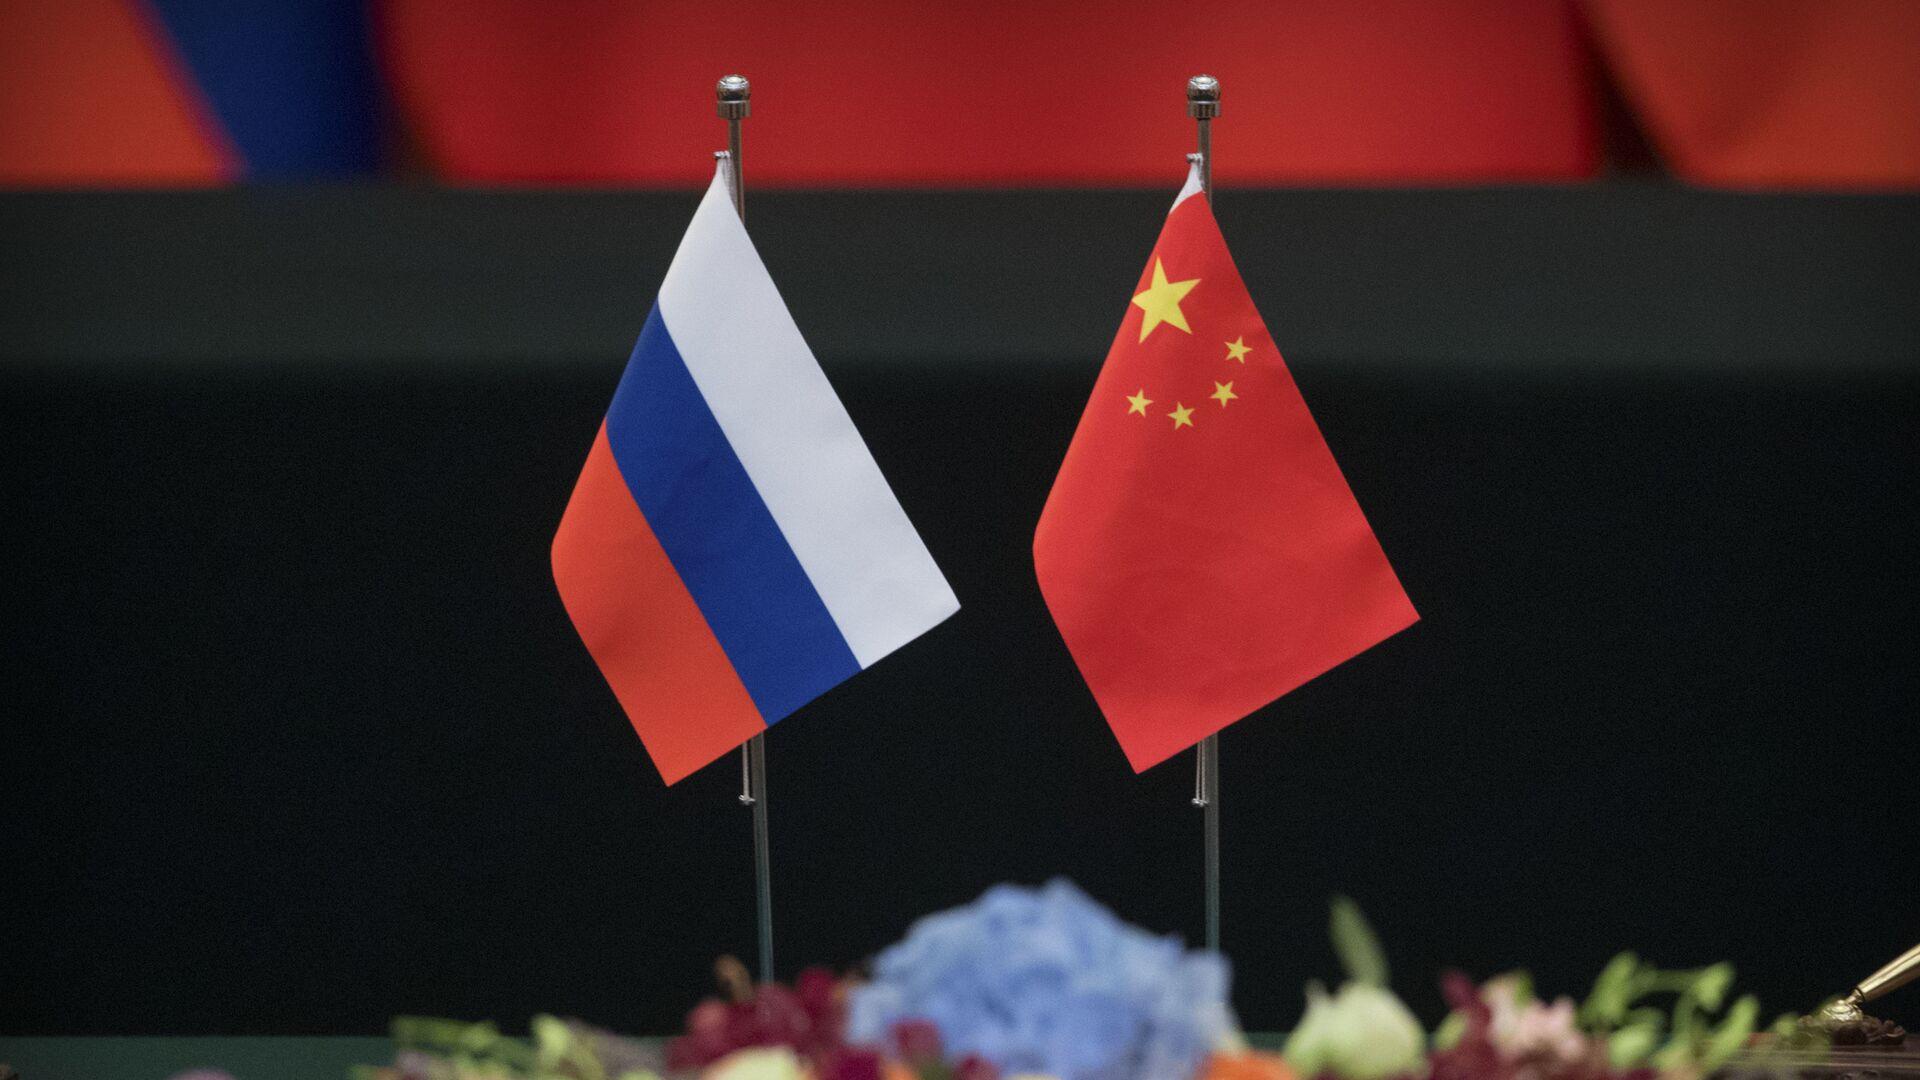 Σημαίες Ρωσίας - Κίνας - Sputnik Ελλάδα, 1920, 27.09.2021